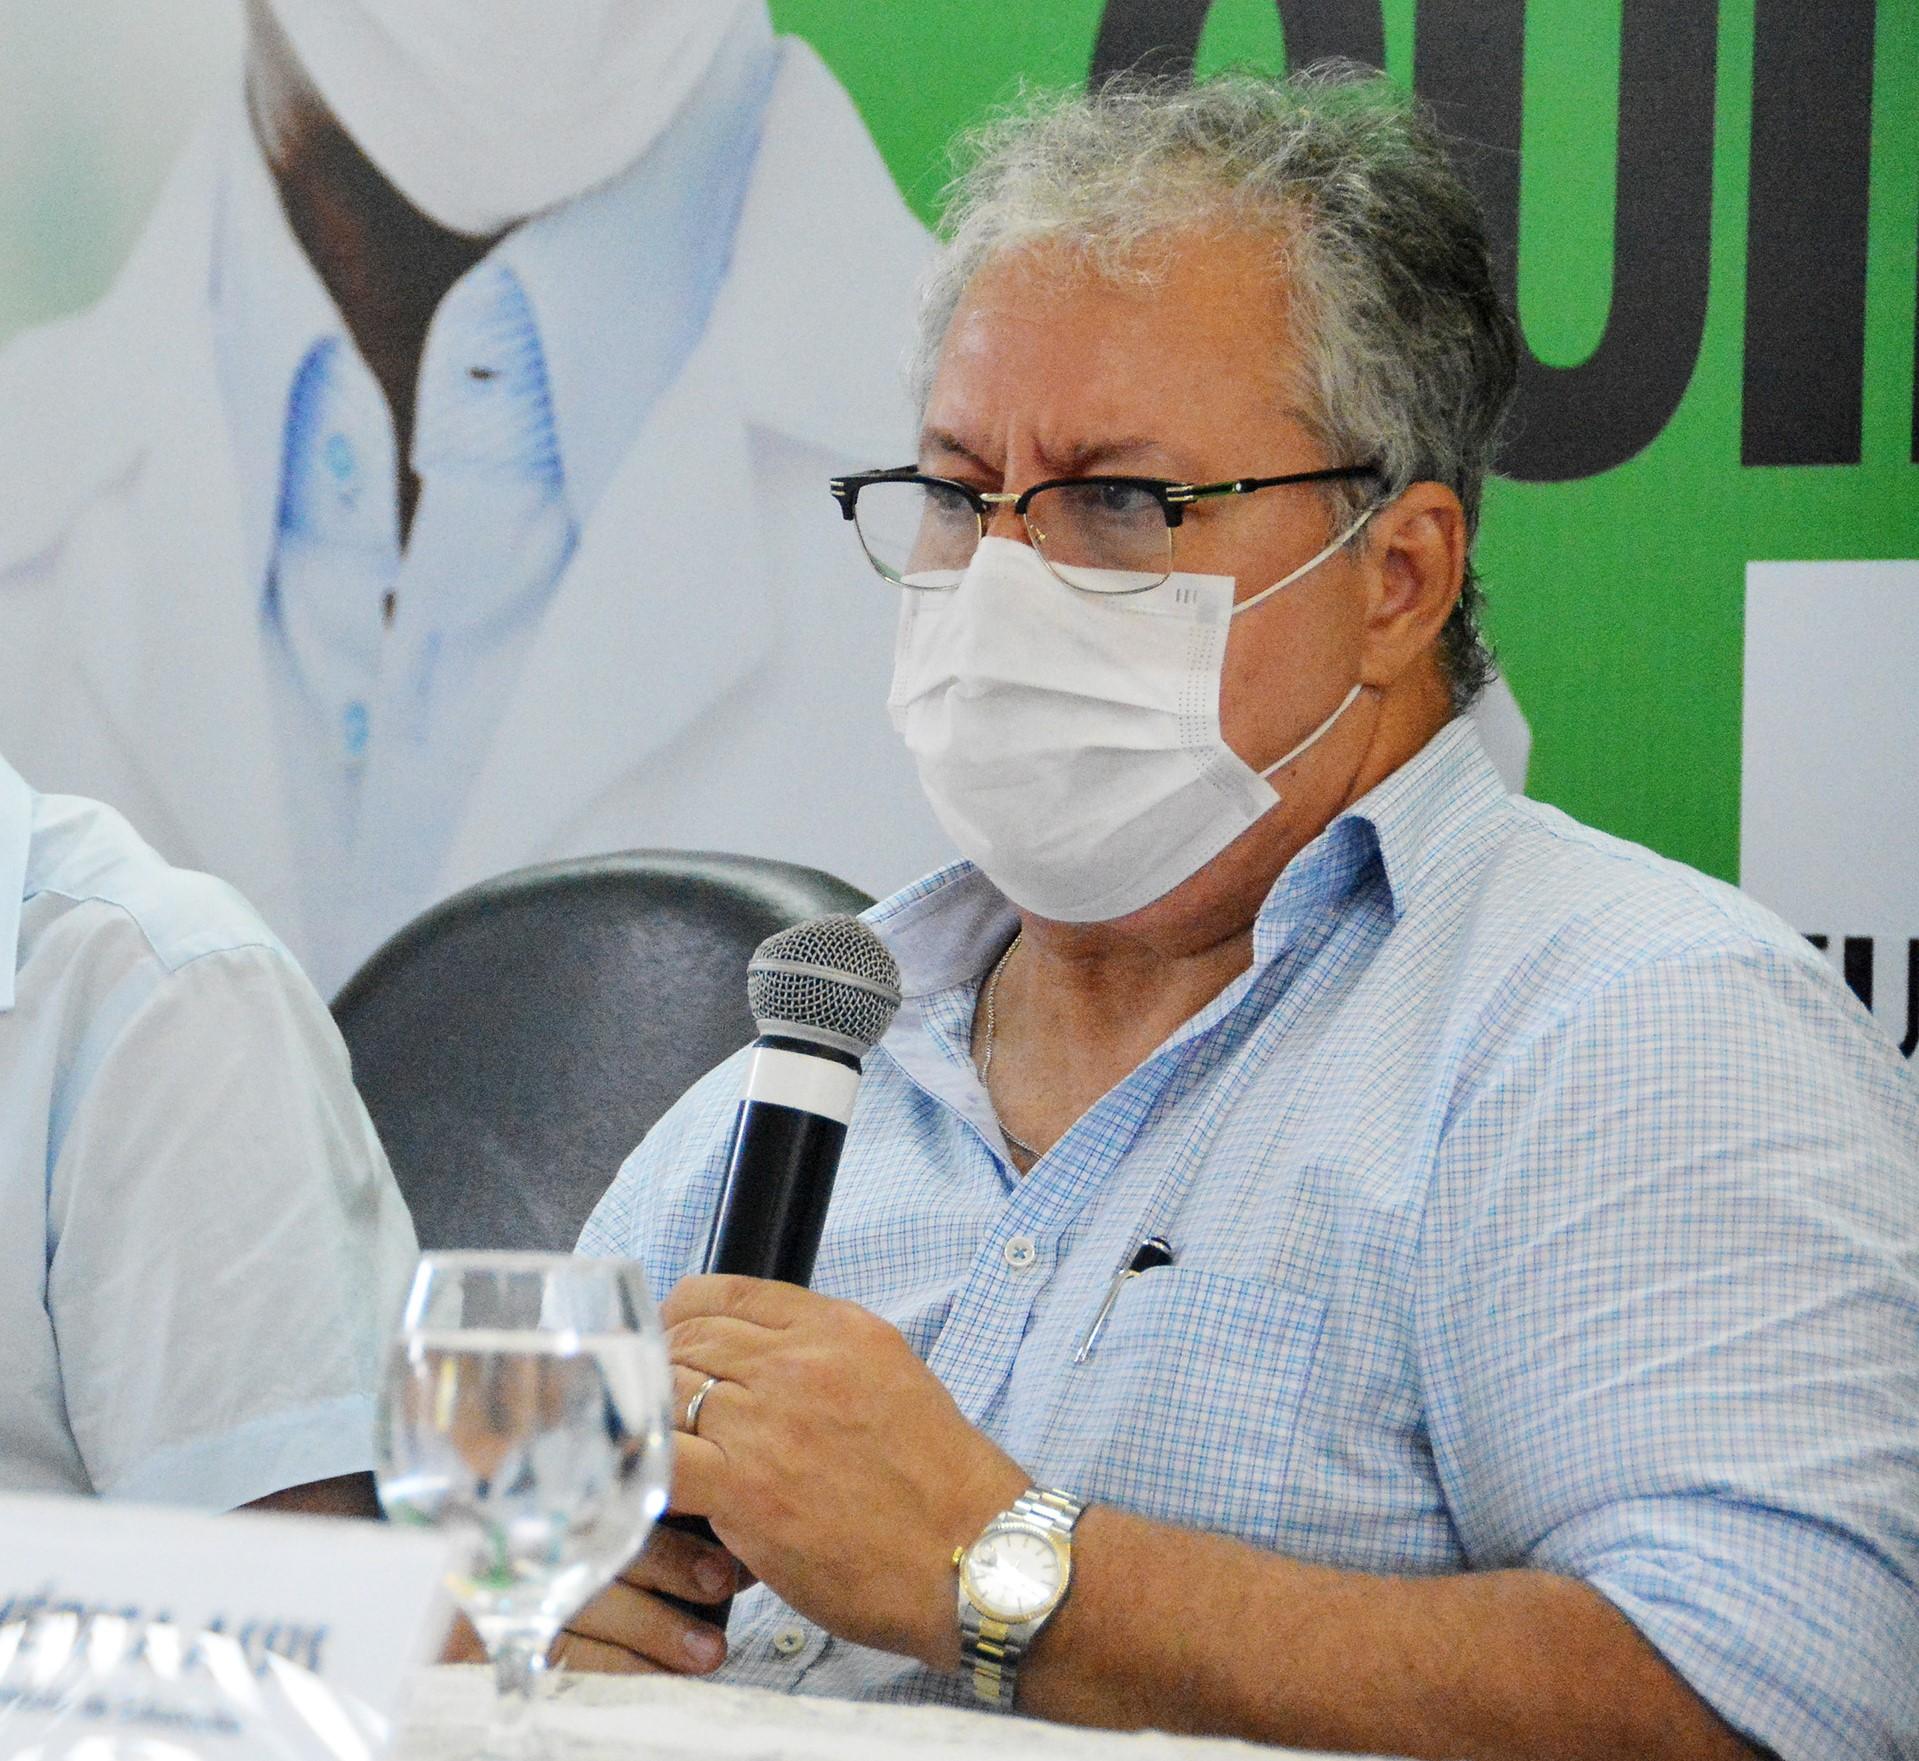 João Pessoa recebe novo lote de vacinas neste fim de semana; expectativa é  imunizar 100 mil pessoas em fevereiro - WSCOM